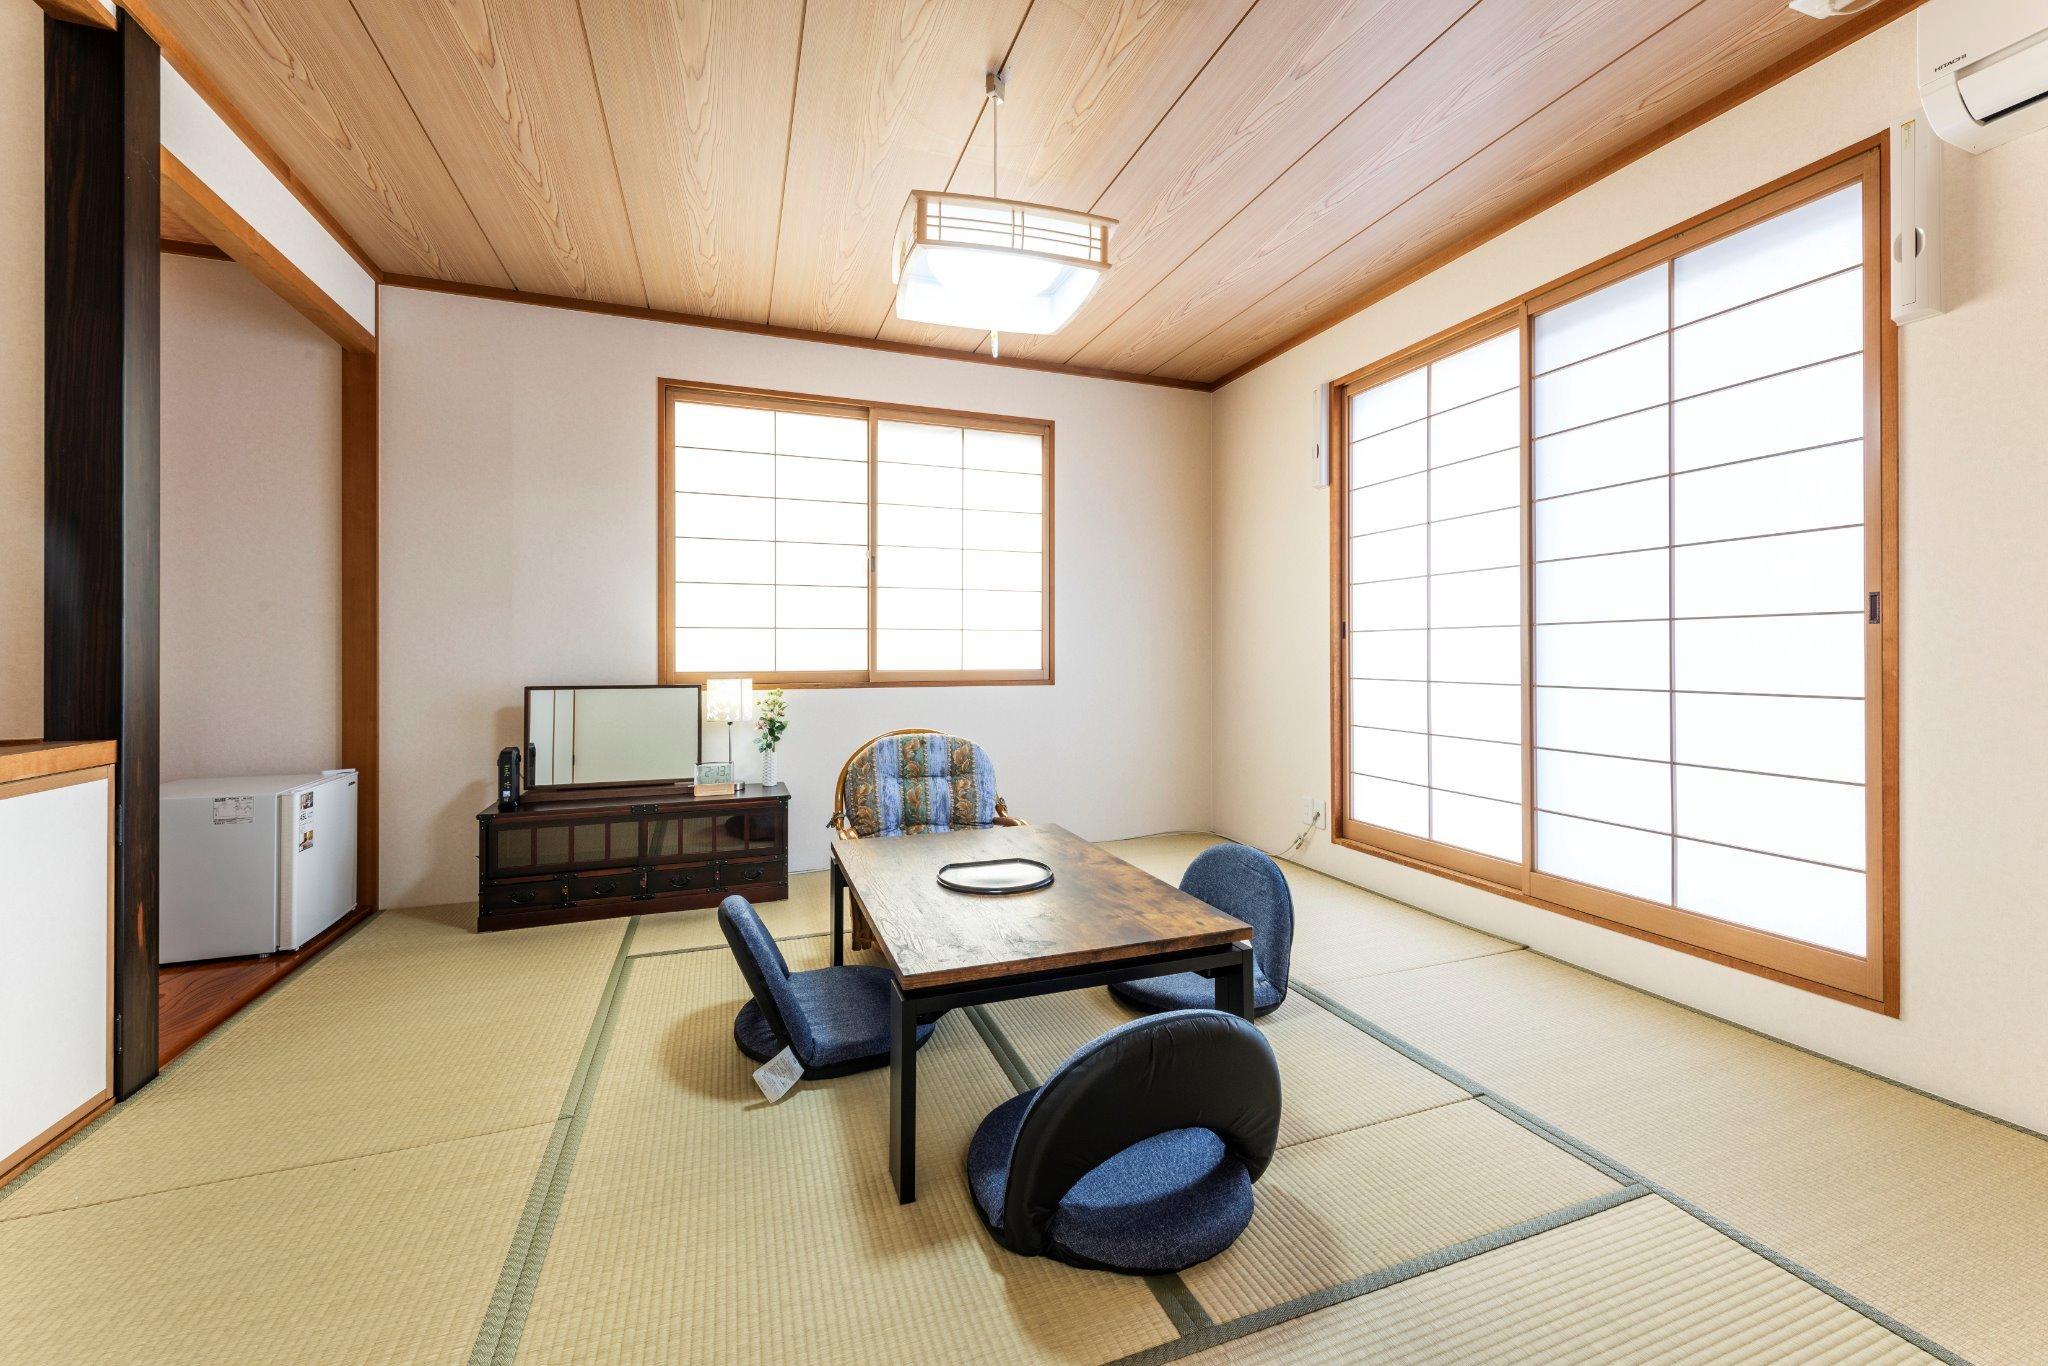 リビングのすぐ隣にある明るい8畳間の和室。床の間もありゆったりとしたスペースです。